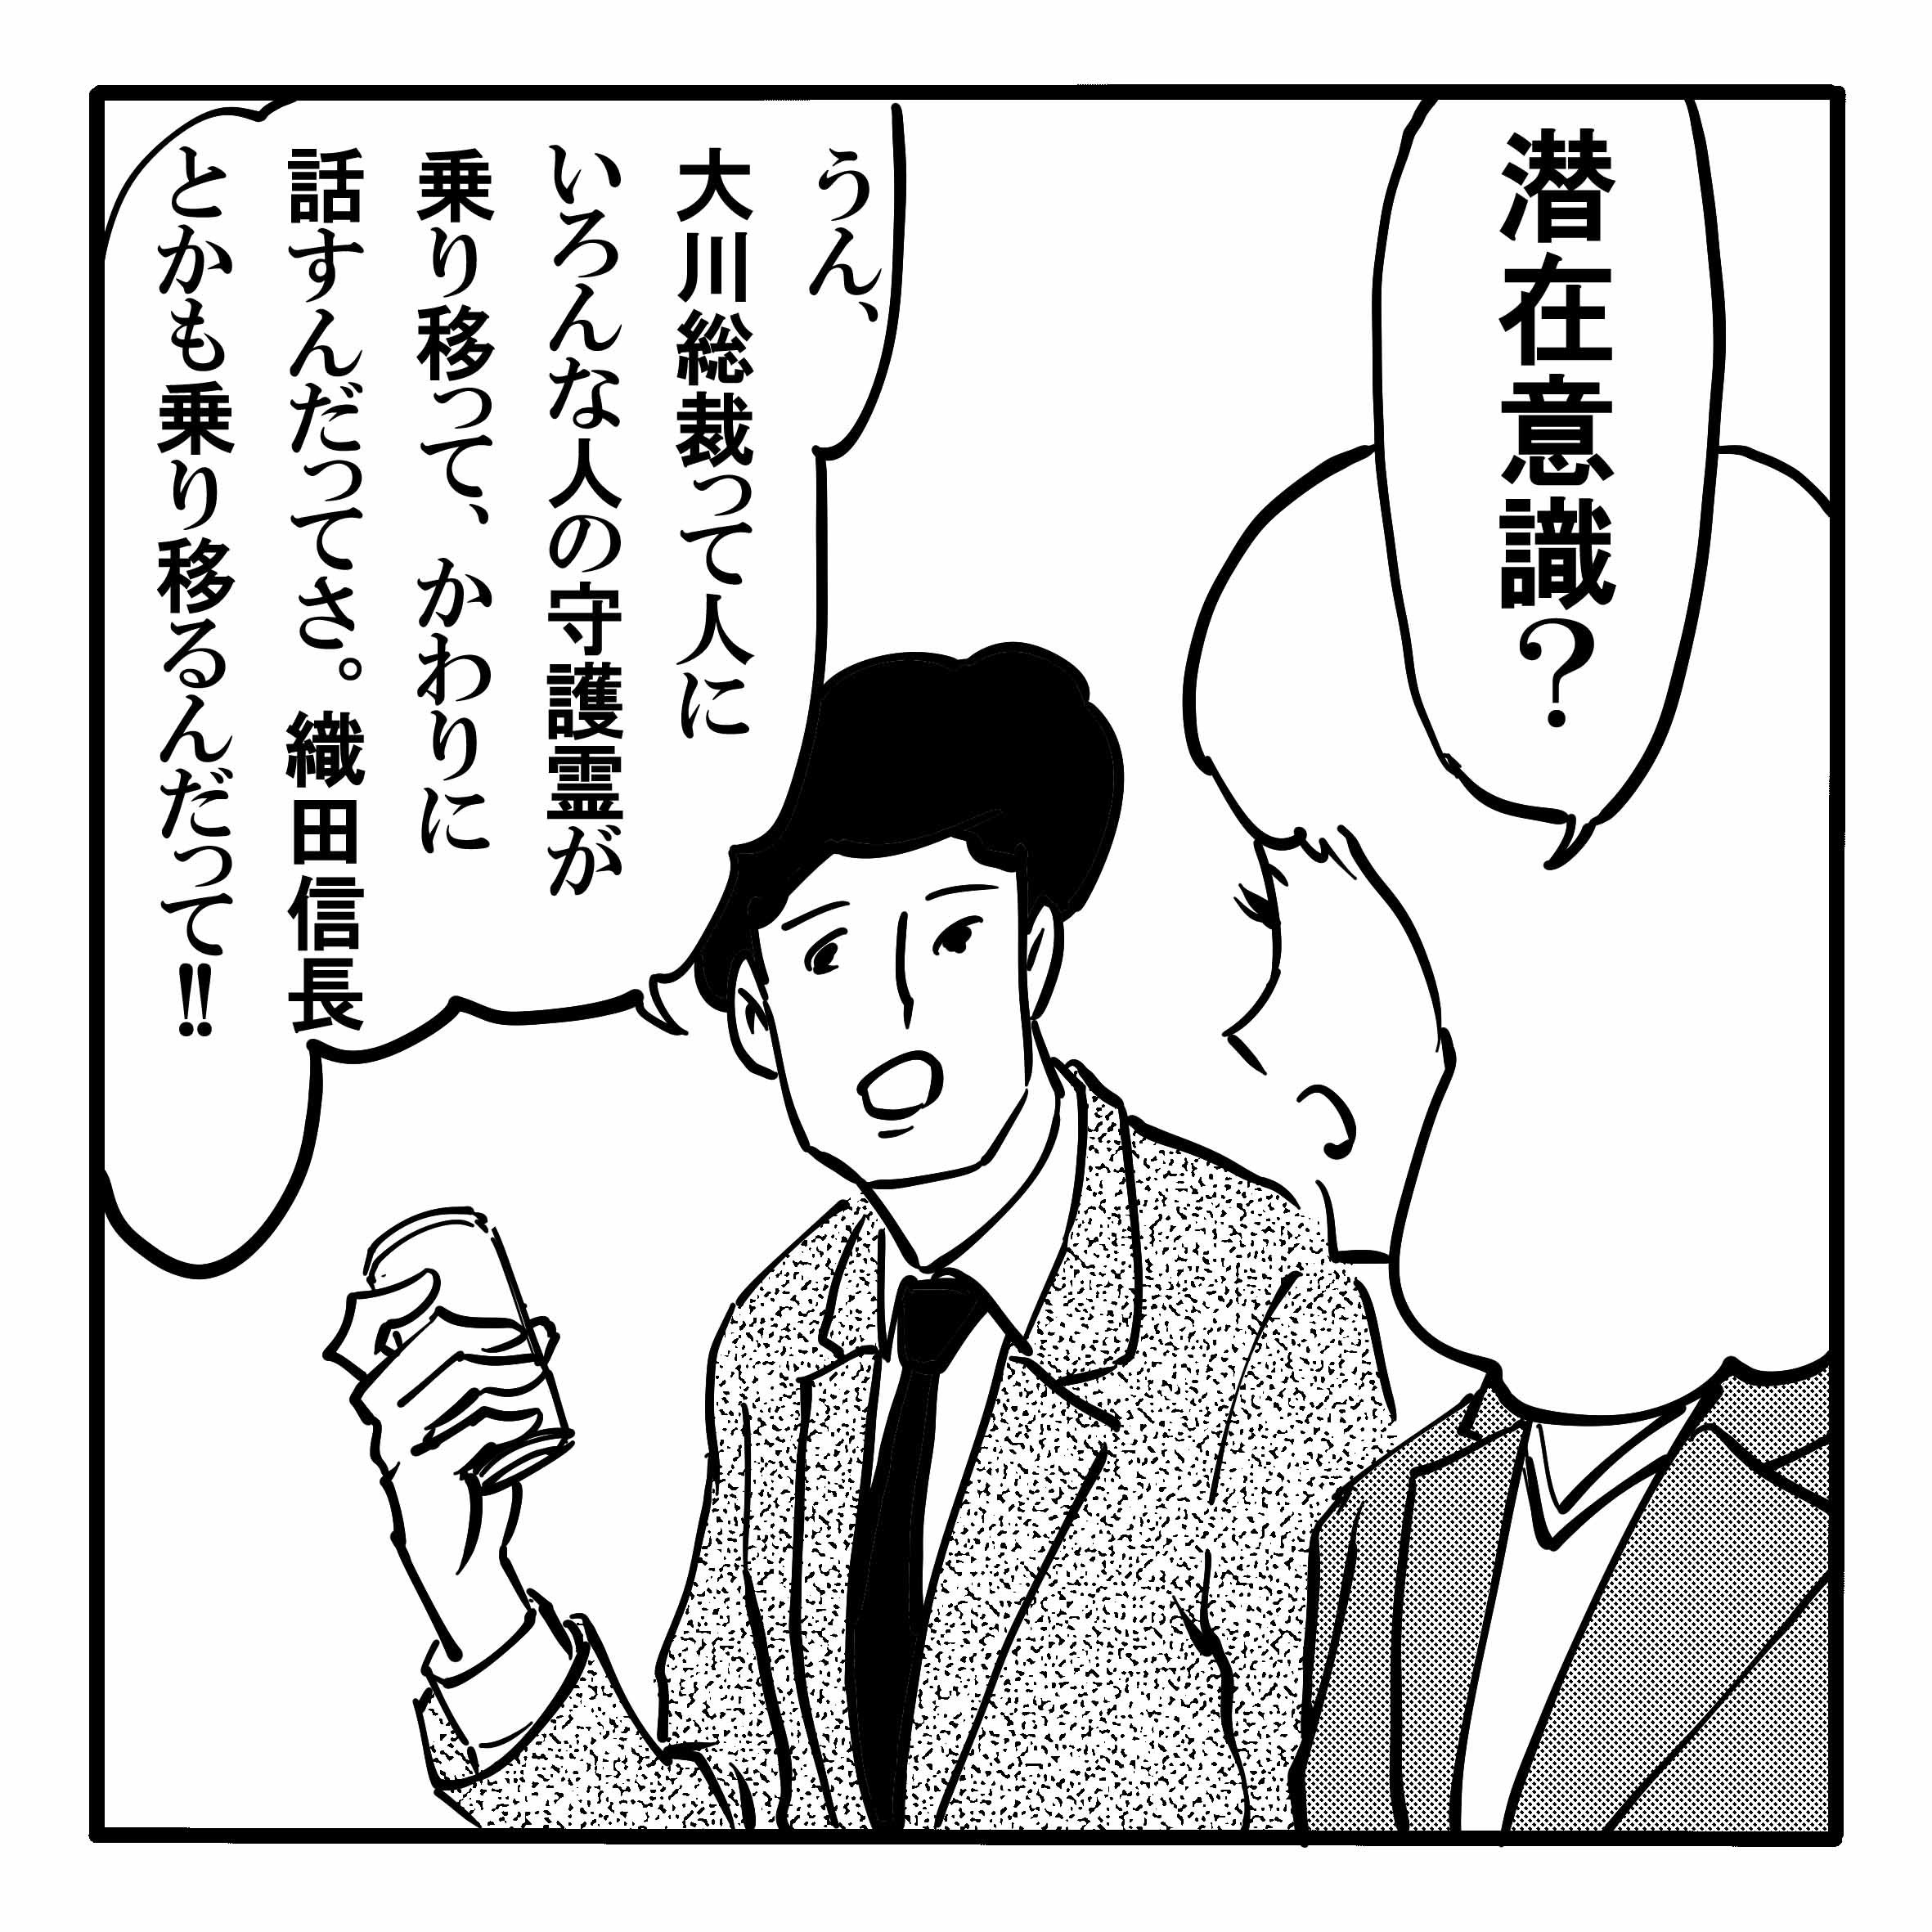 ビートたけし、池上彰、安倍首相……著名人が続々登場する幸福の科学の「守護霊インタビュー」とは?